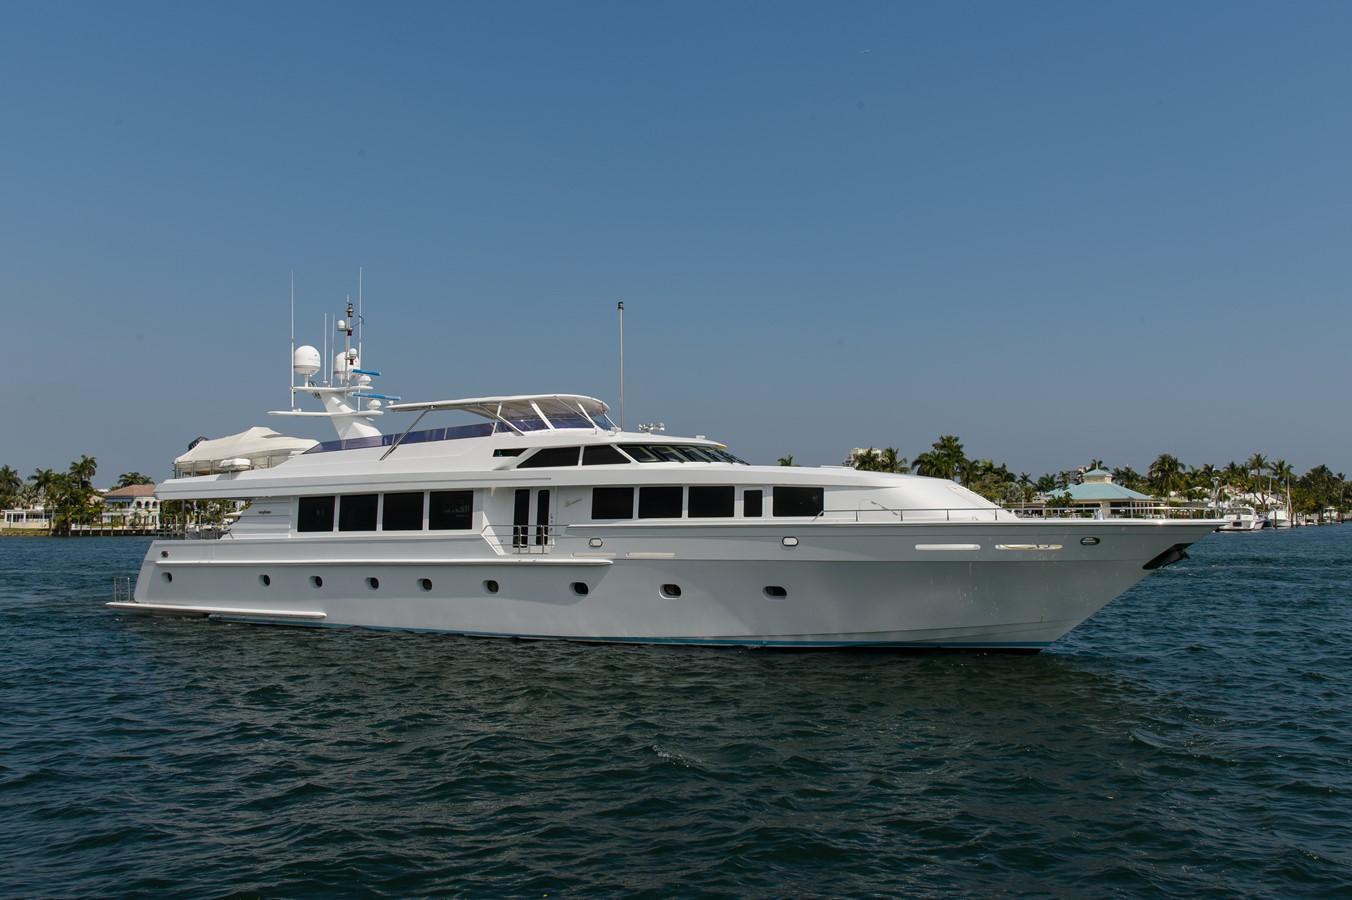 Motor yacht SAVANNAH